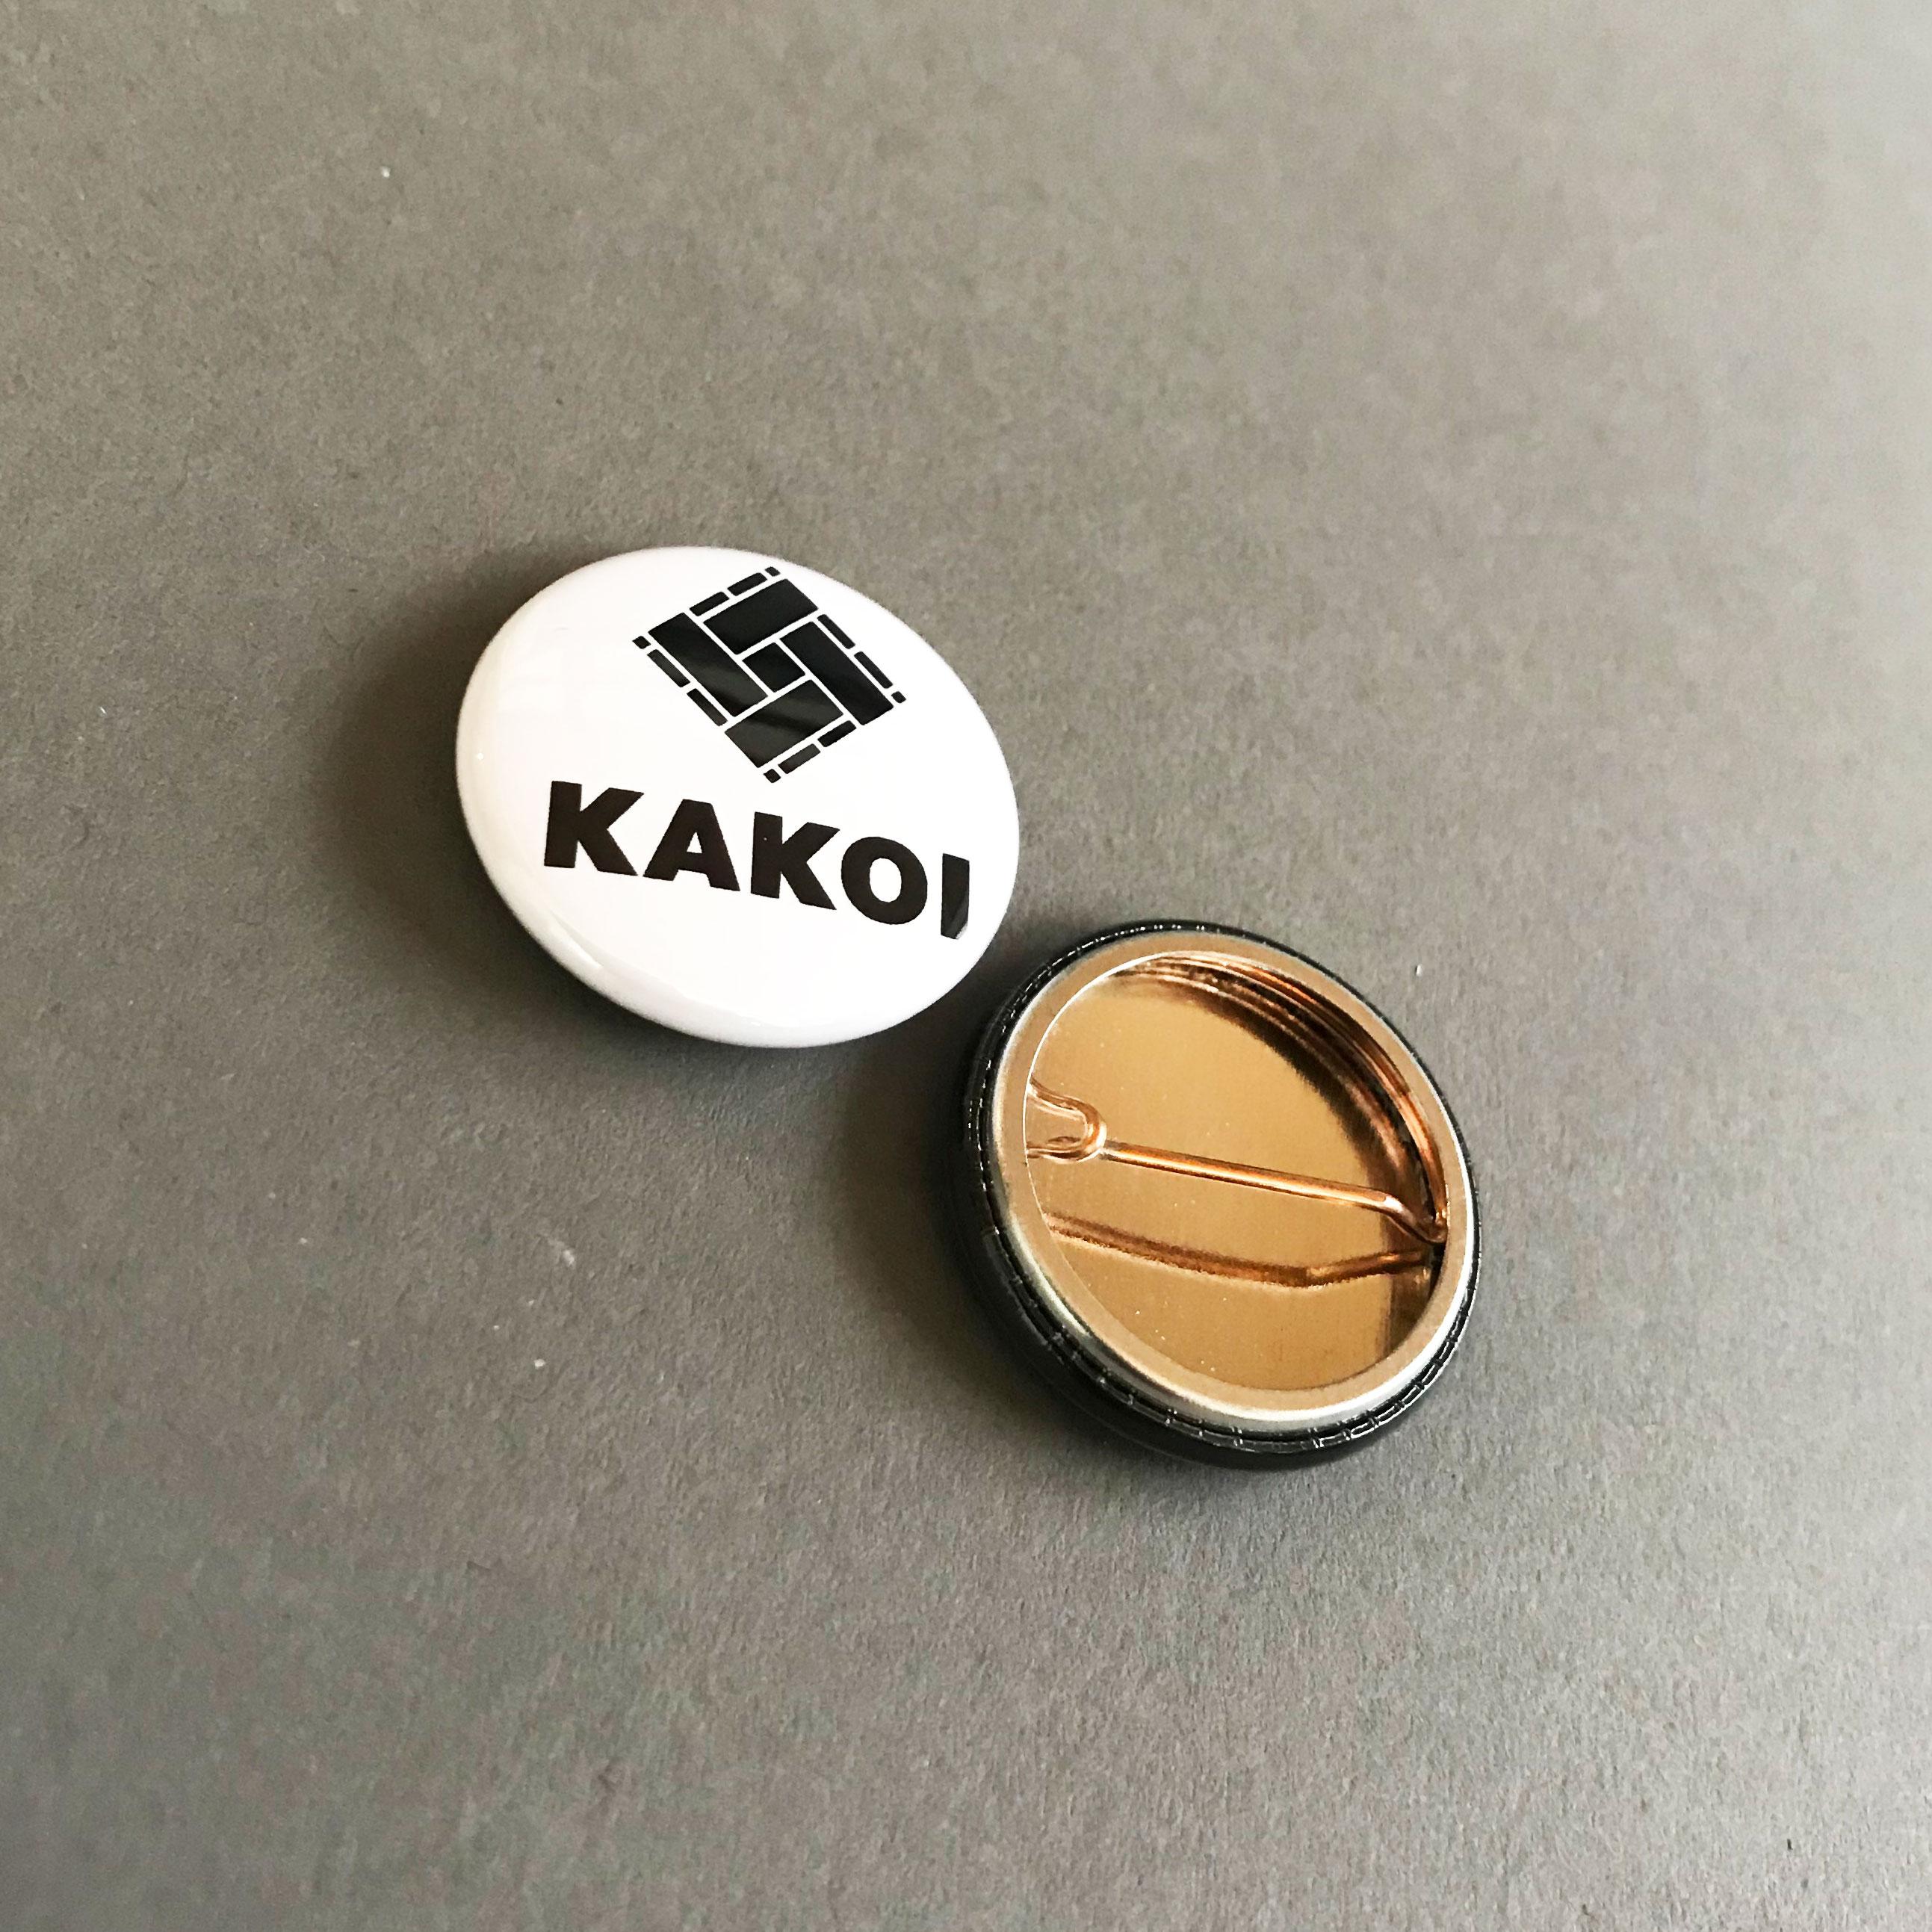 KKACC-001